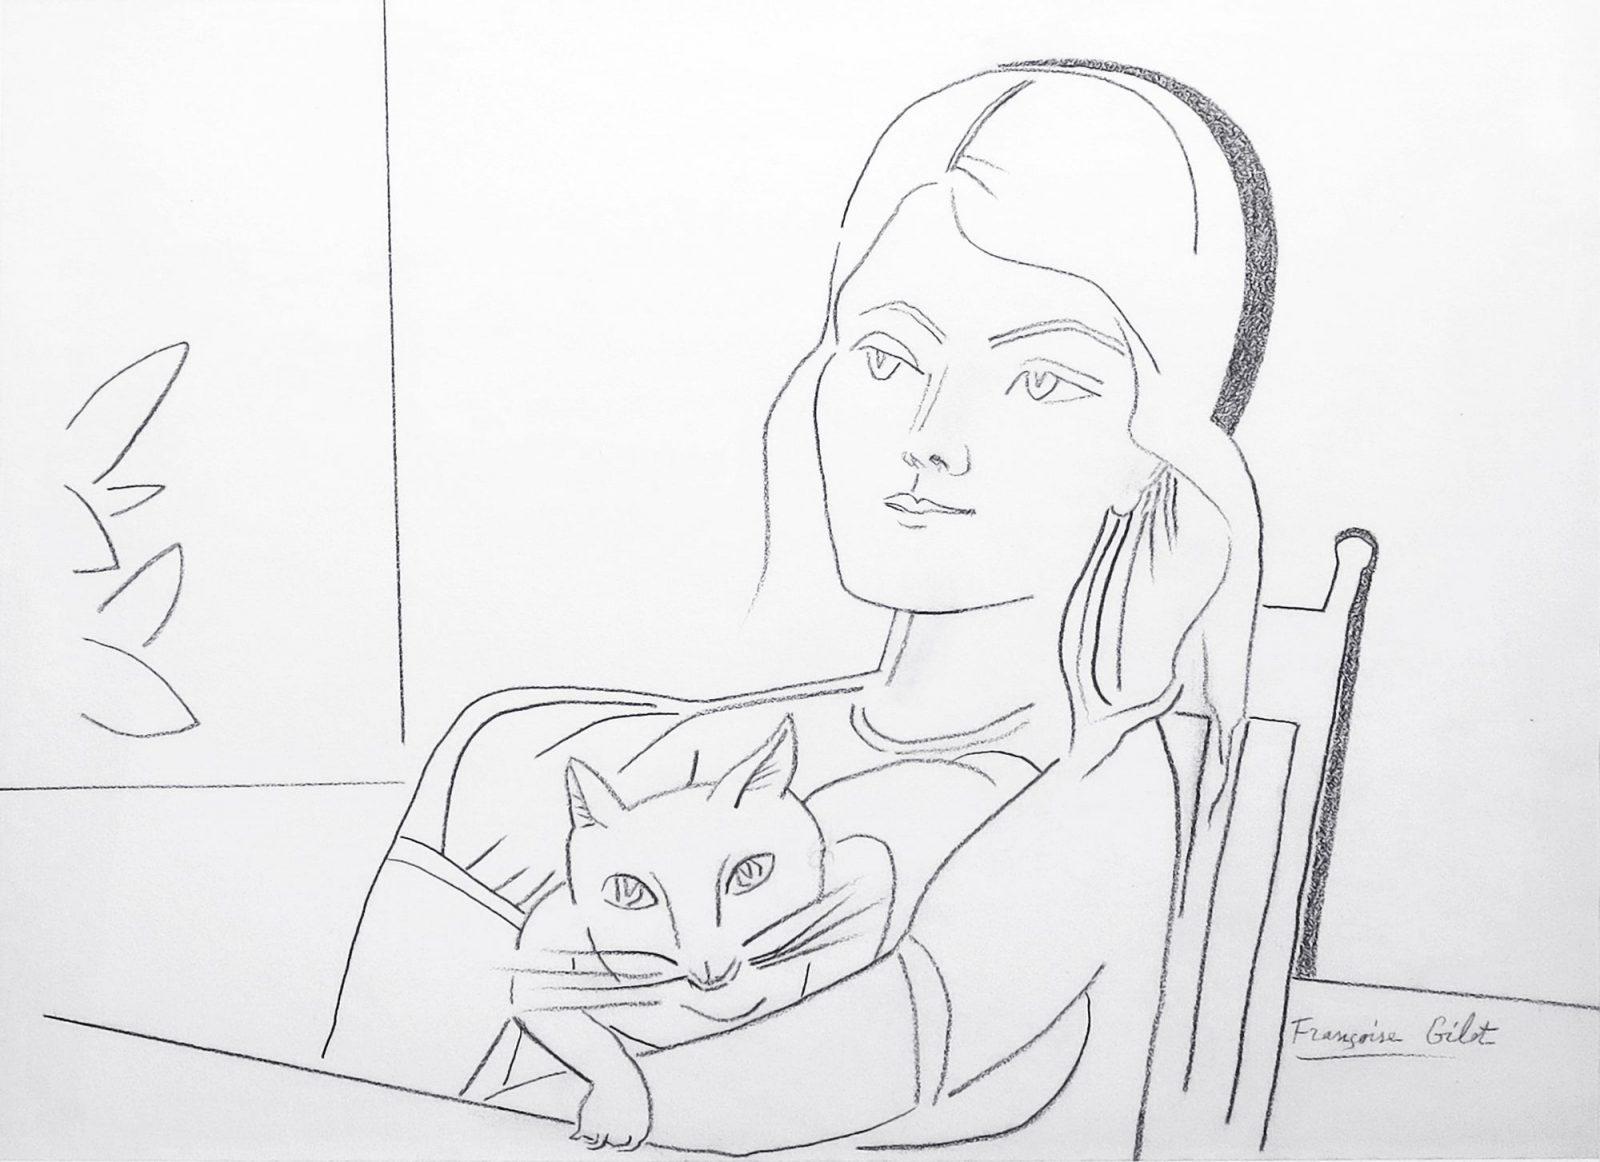 Françoise Gilot: Lány macskával